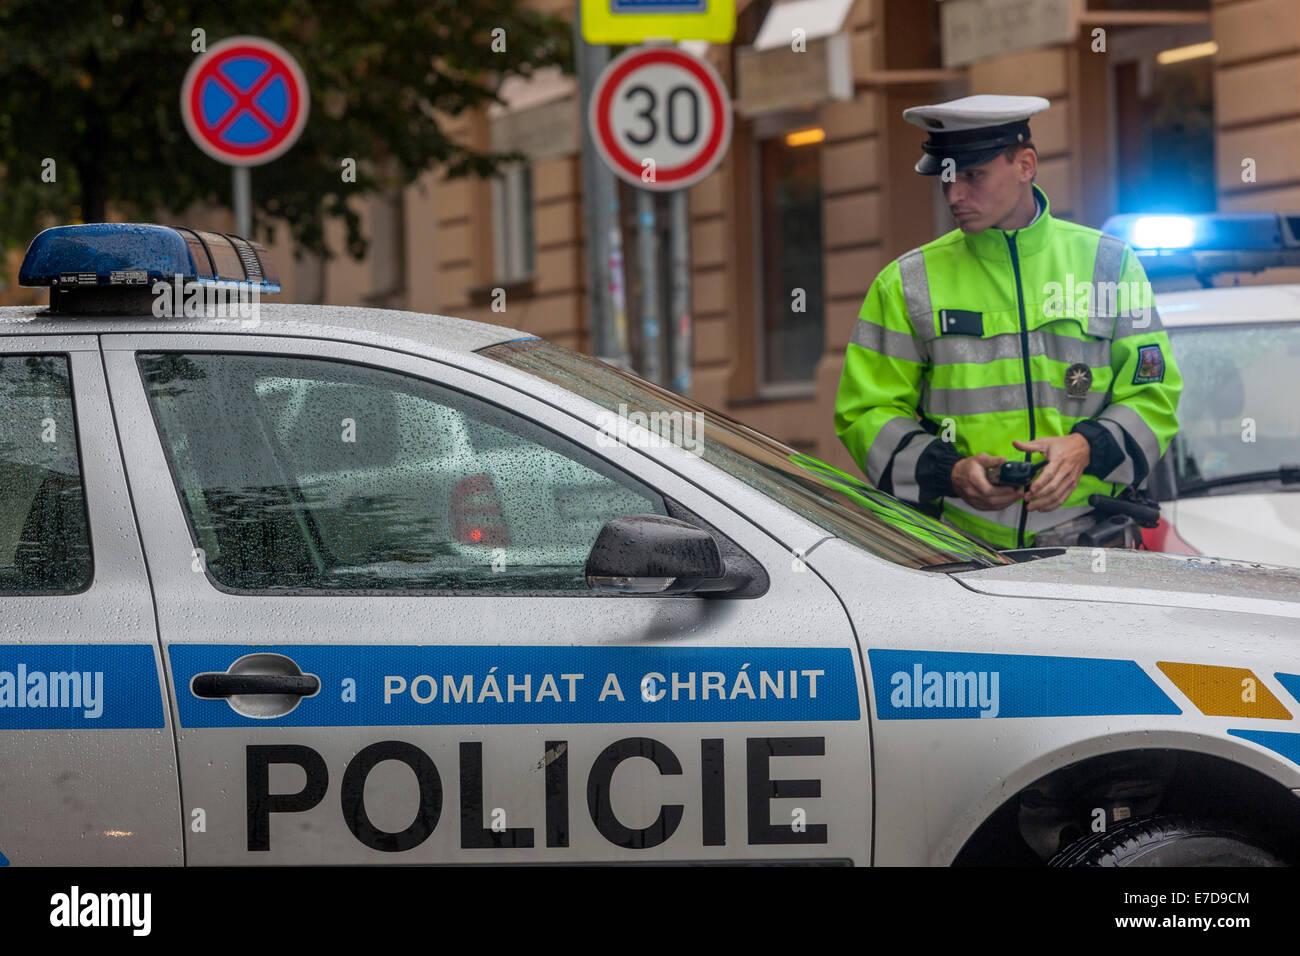 Guardia de tráfico y coches de la policía checa, Praga República Checa Imagen De Stock